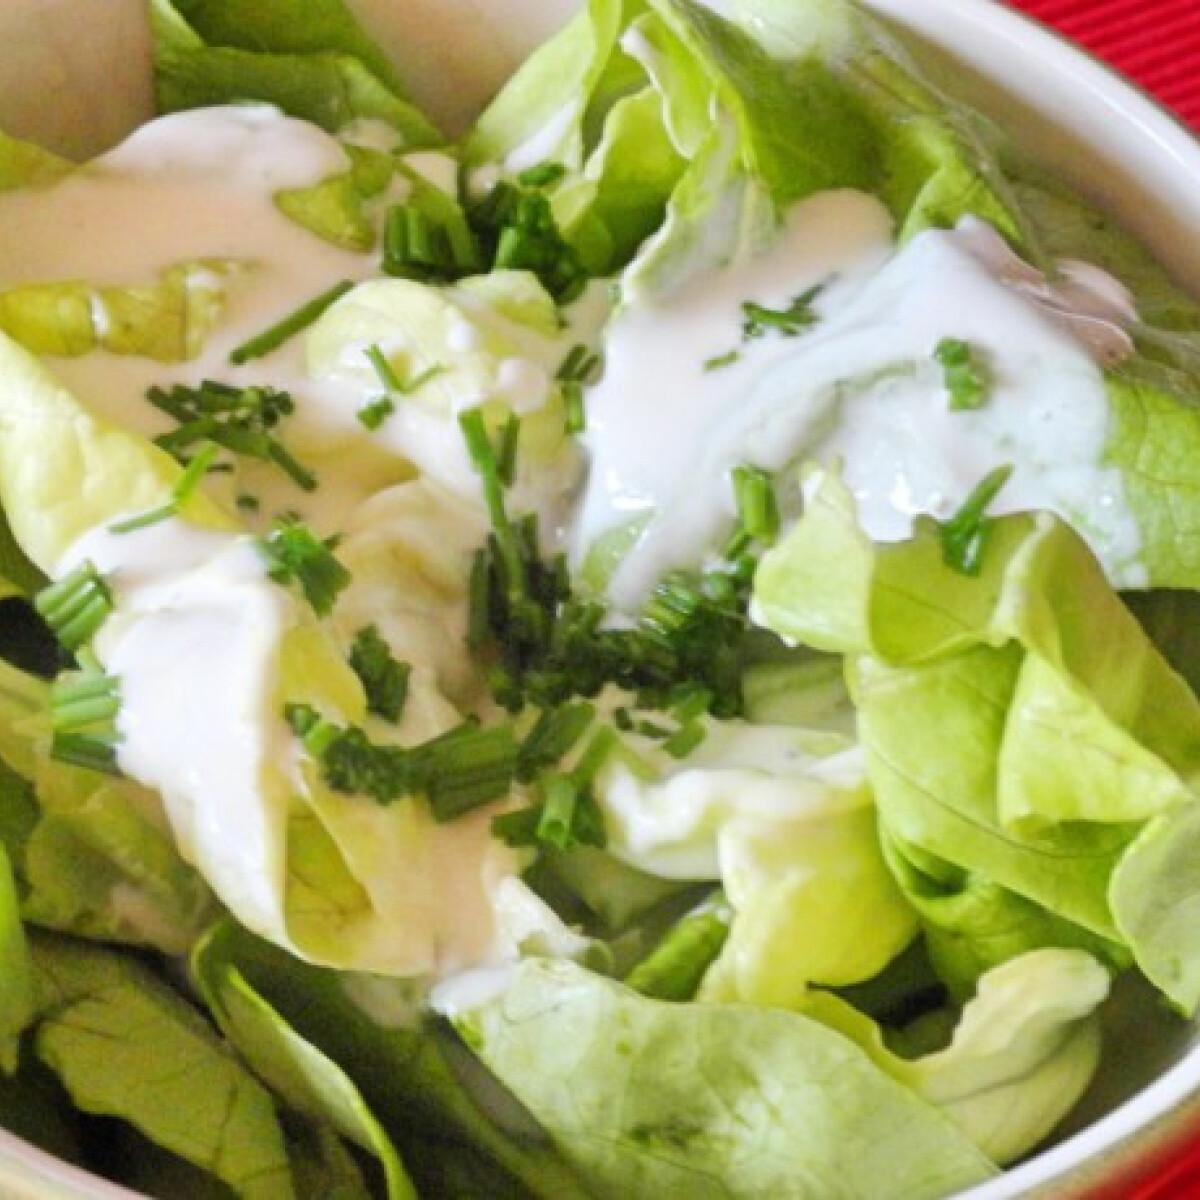 Fejes saláta joghurt dresszinggel